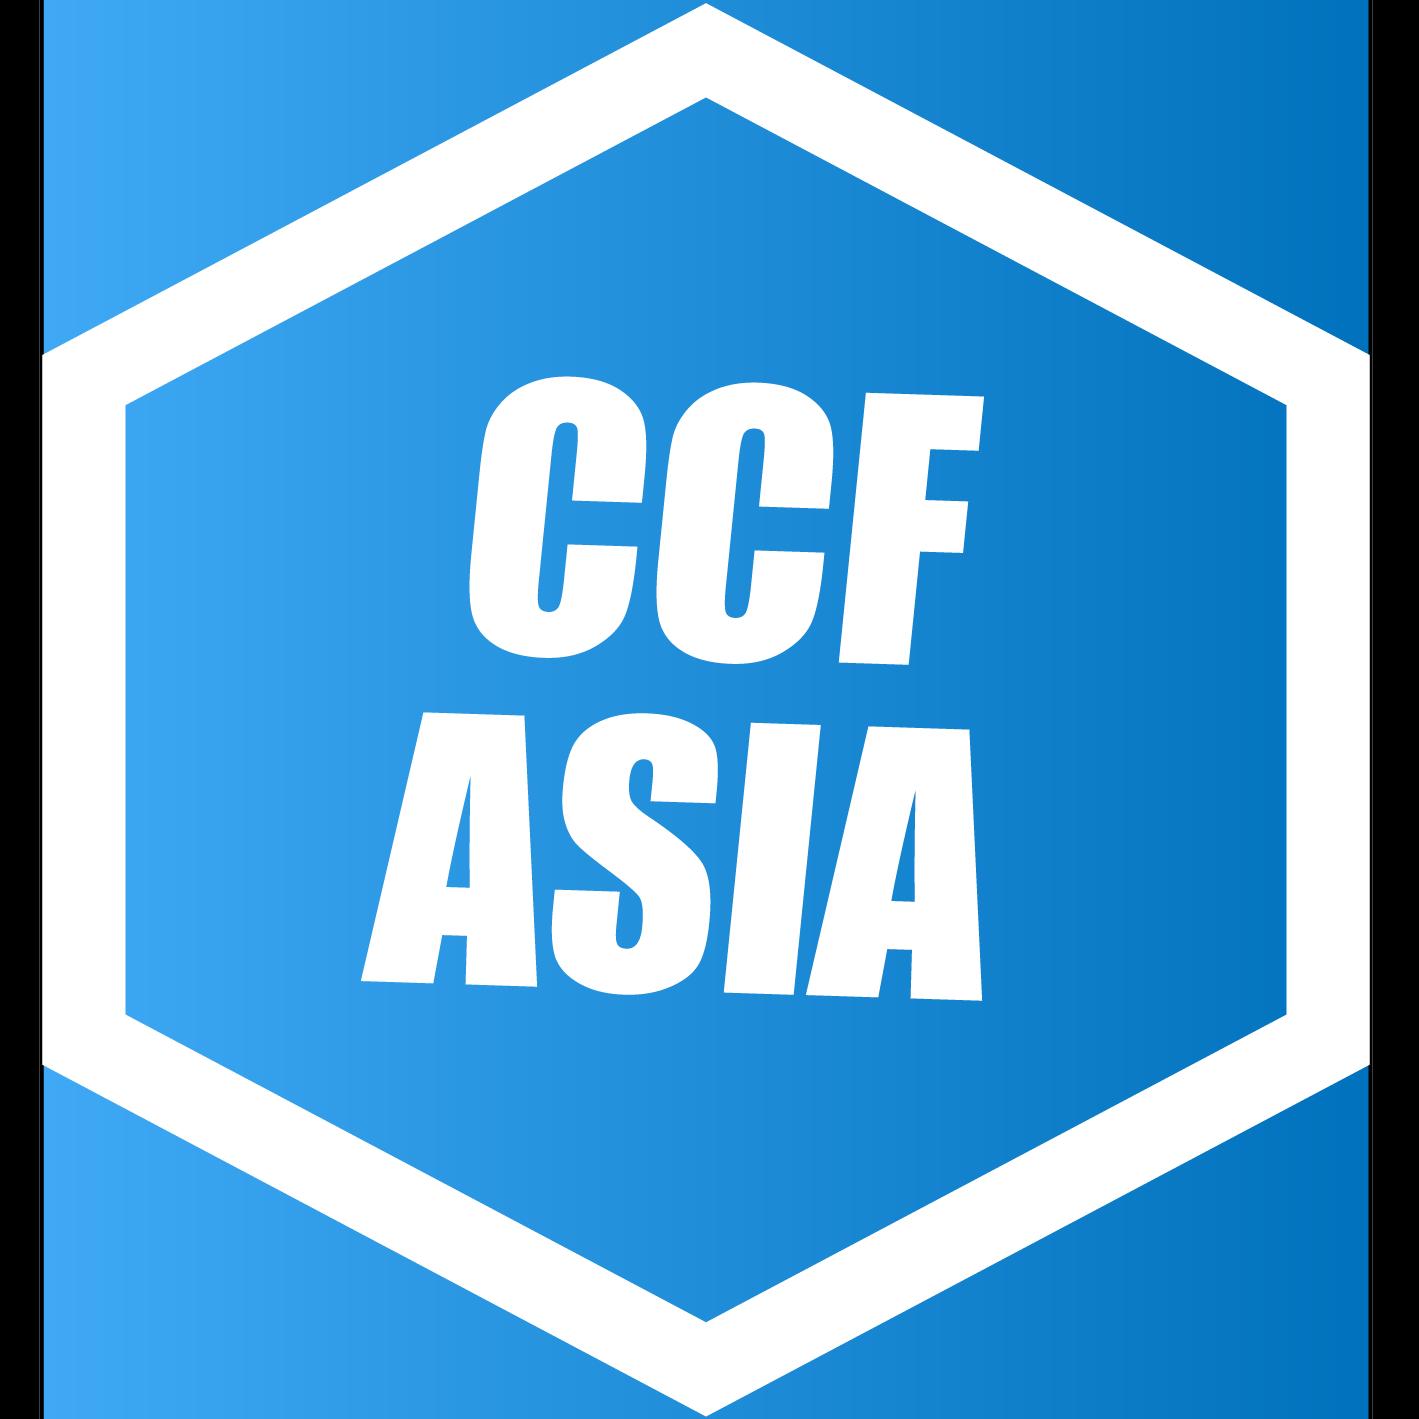 CCF ASIA